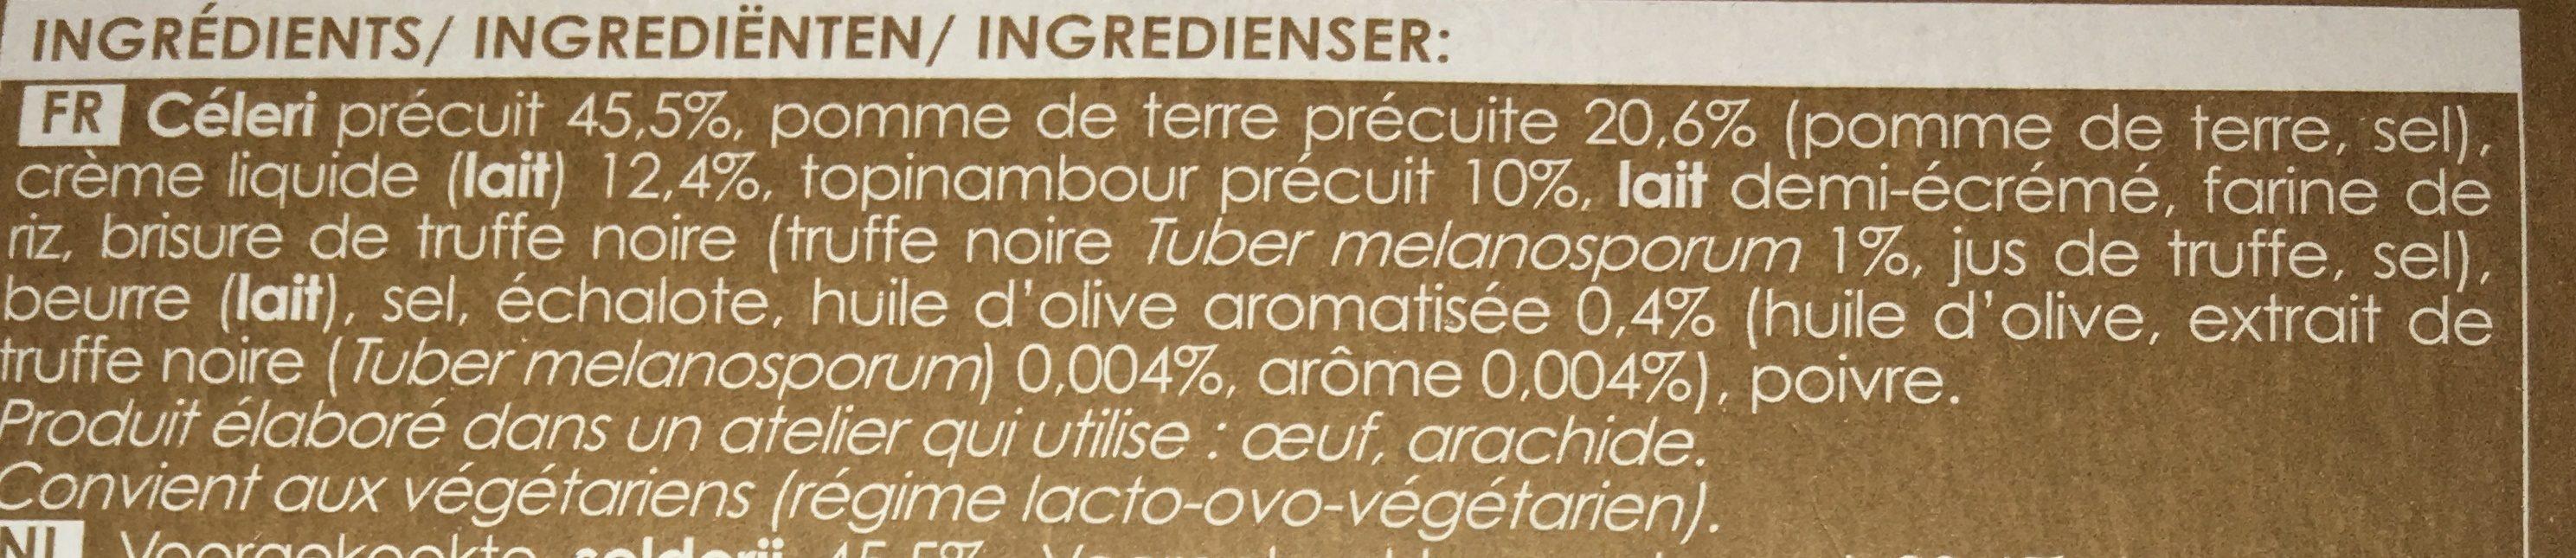 Écrasée de Céleri, Pomme de Terre, Topinambour, à la Truffe Noire 1% - Ingrédients